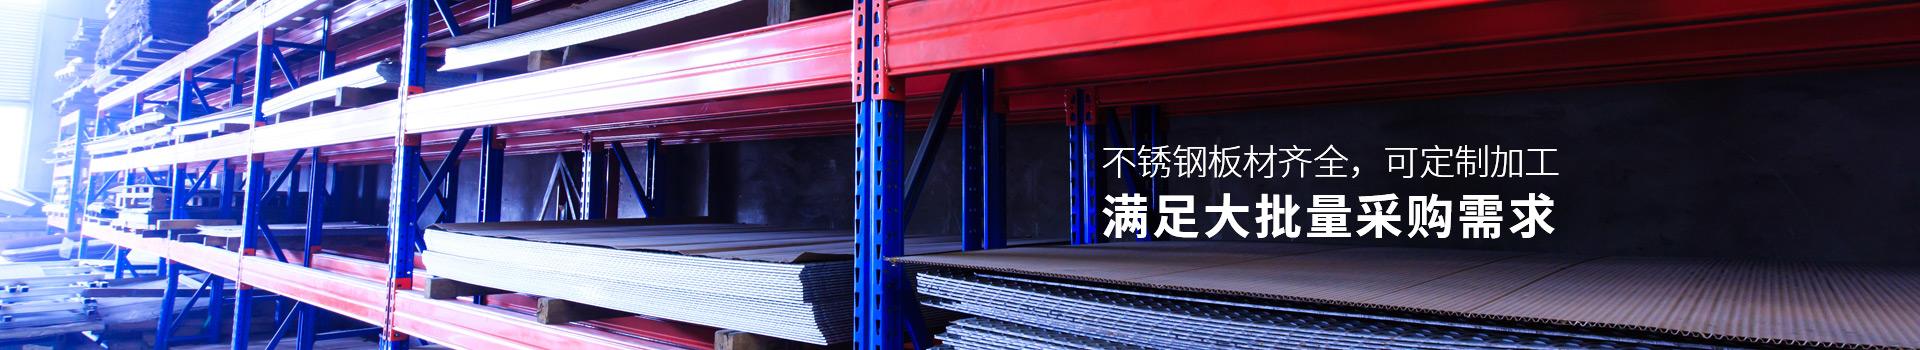 海润钢铁-不锈钢板材齐全,可定制加工,满足大批量采购需求